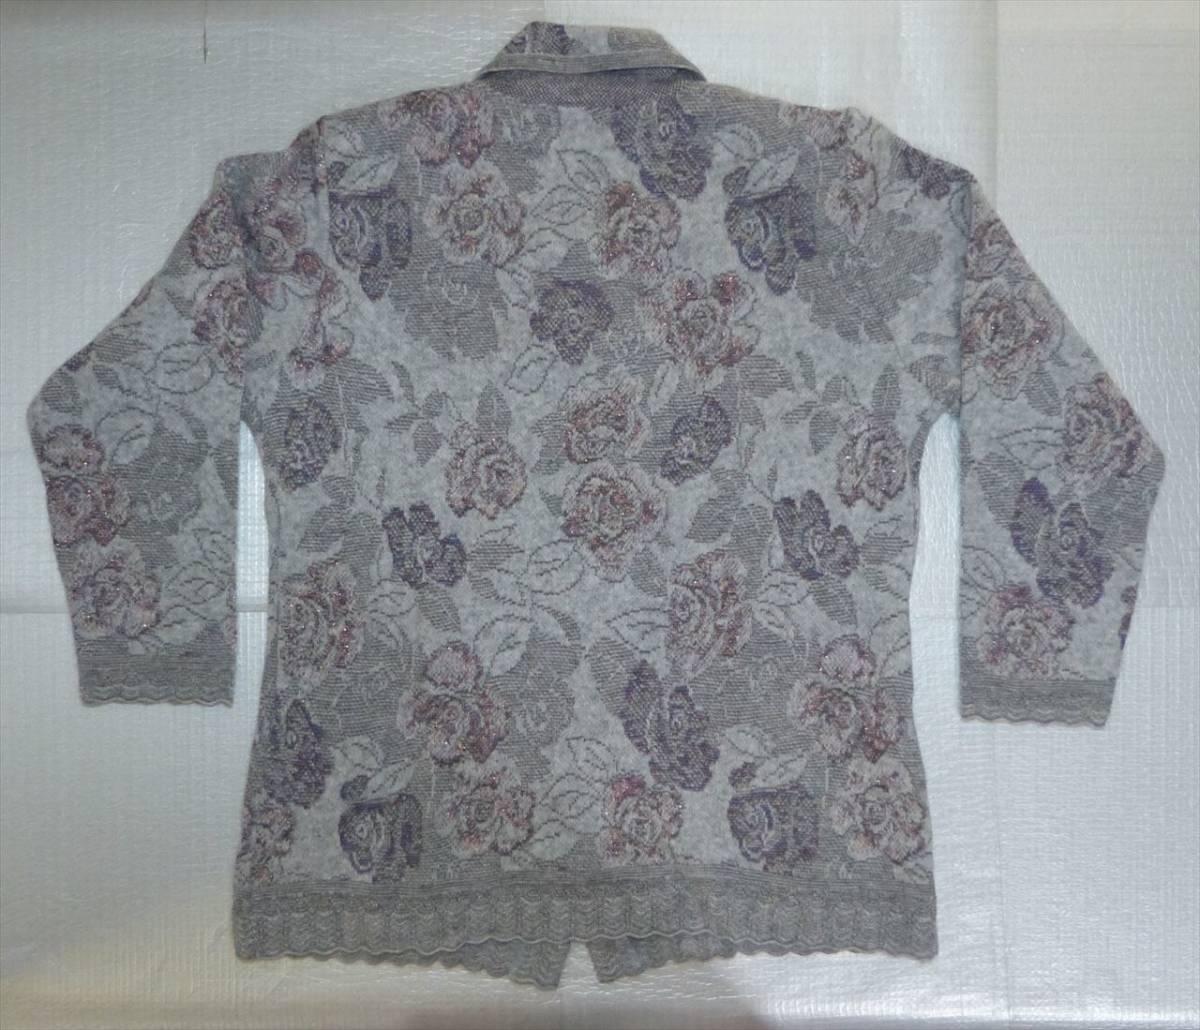 ★ 新品タグ付き 衿付きカーディガン 日本製 グレー M ★_画像3